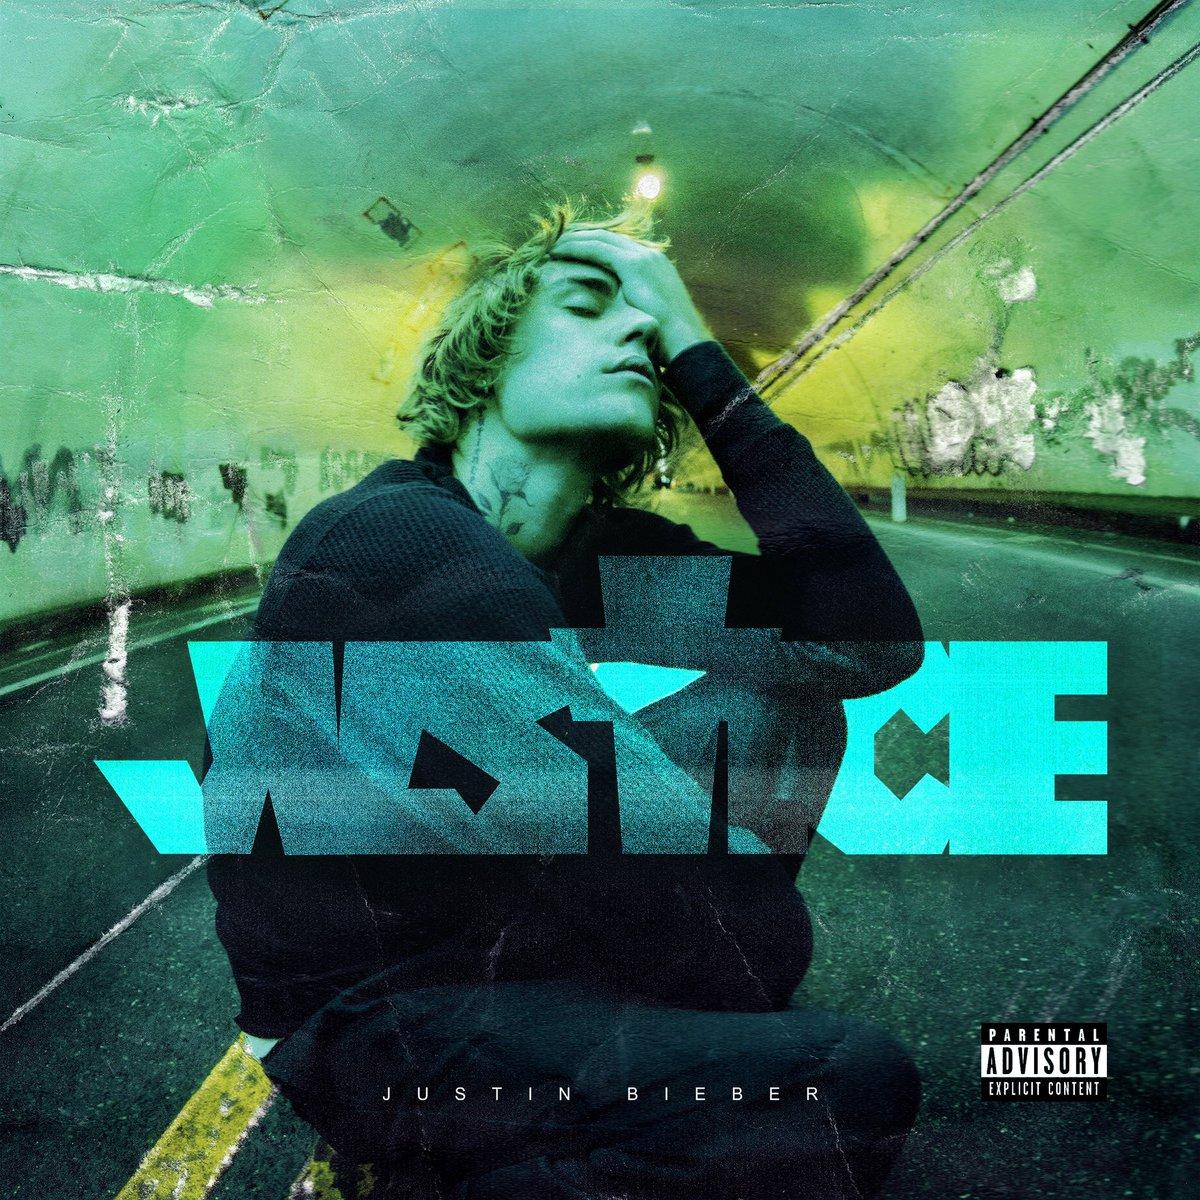 【樂評】Justin Bieber 全新專輯《Justice》好聽嗎?你的正義不是我的正義?